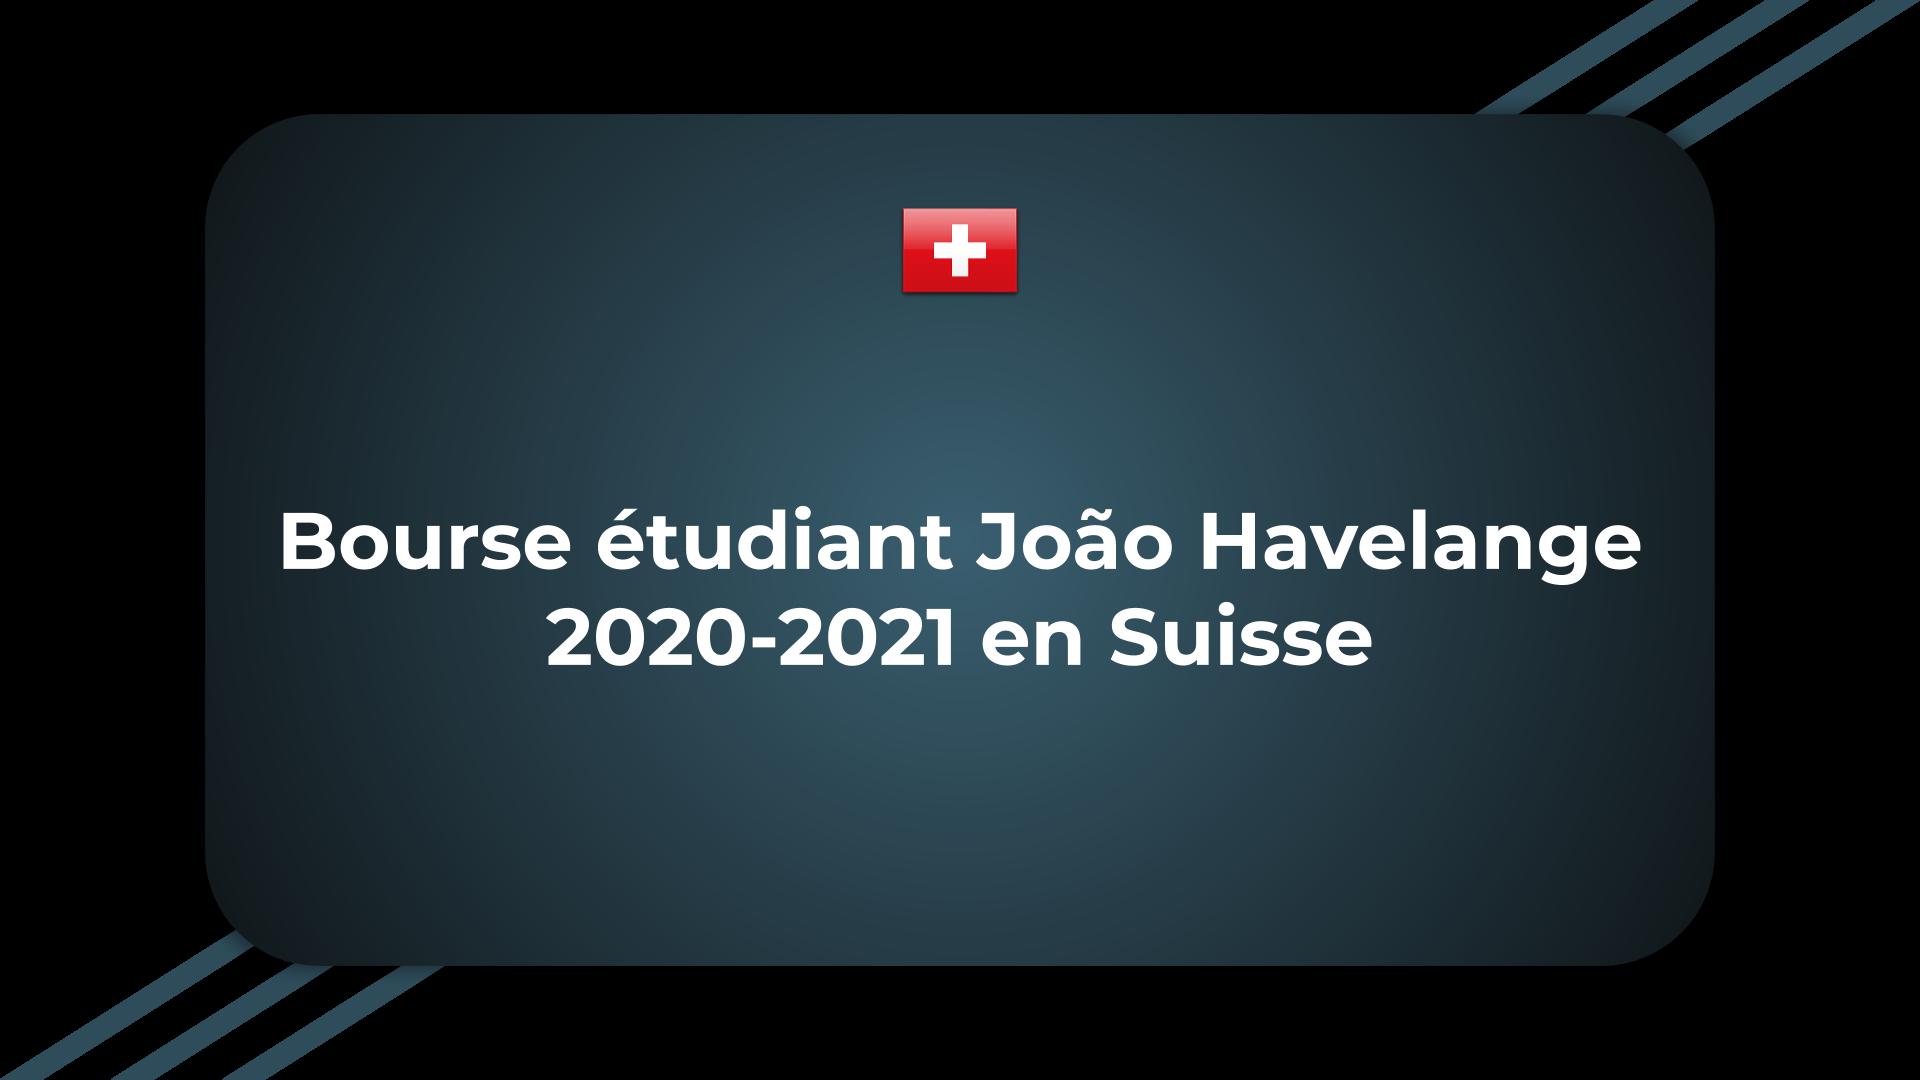 Bourse étudiant João Havelange